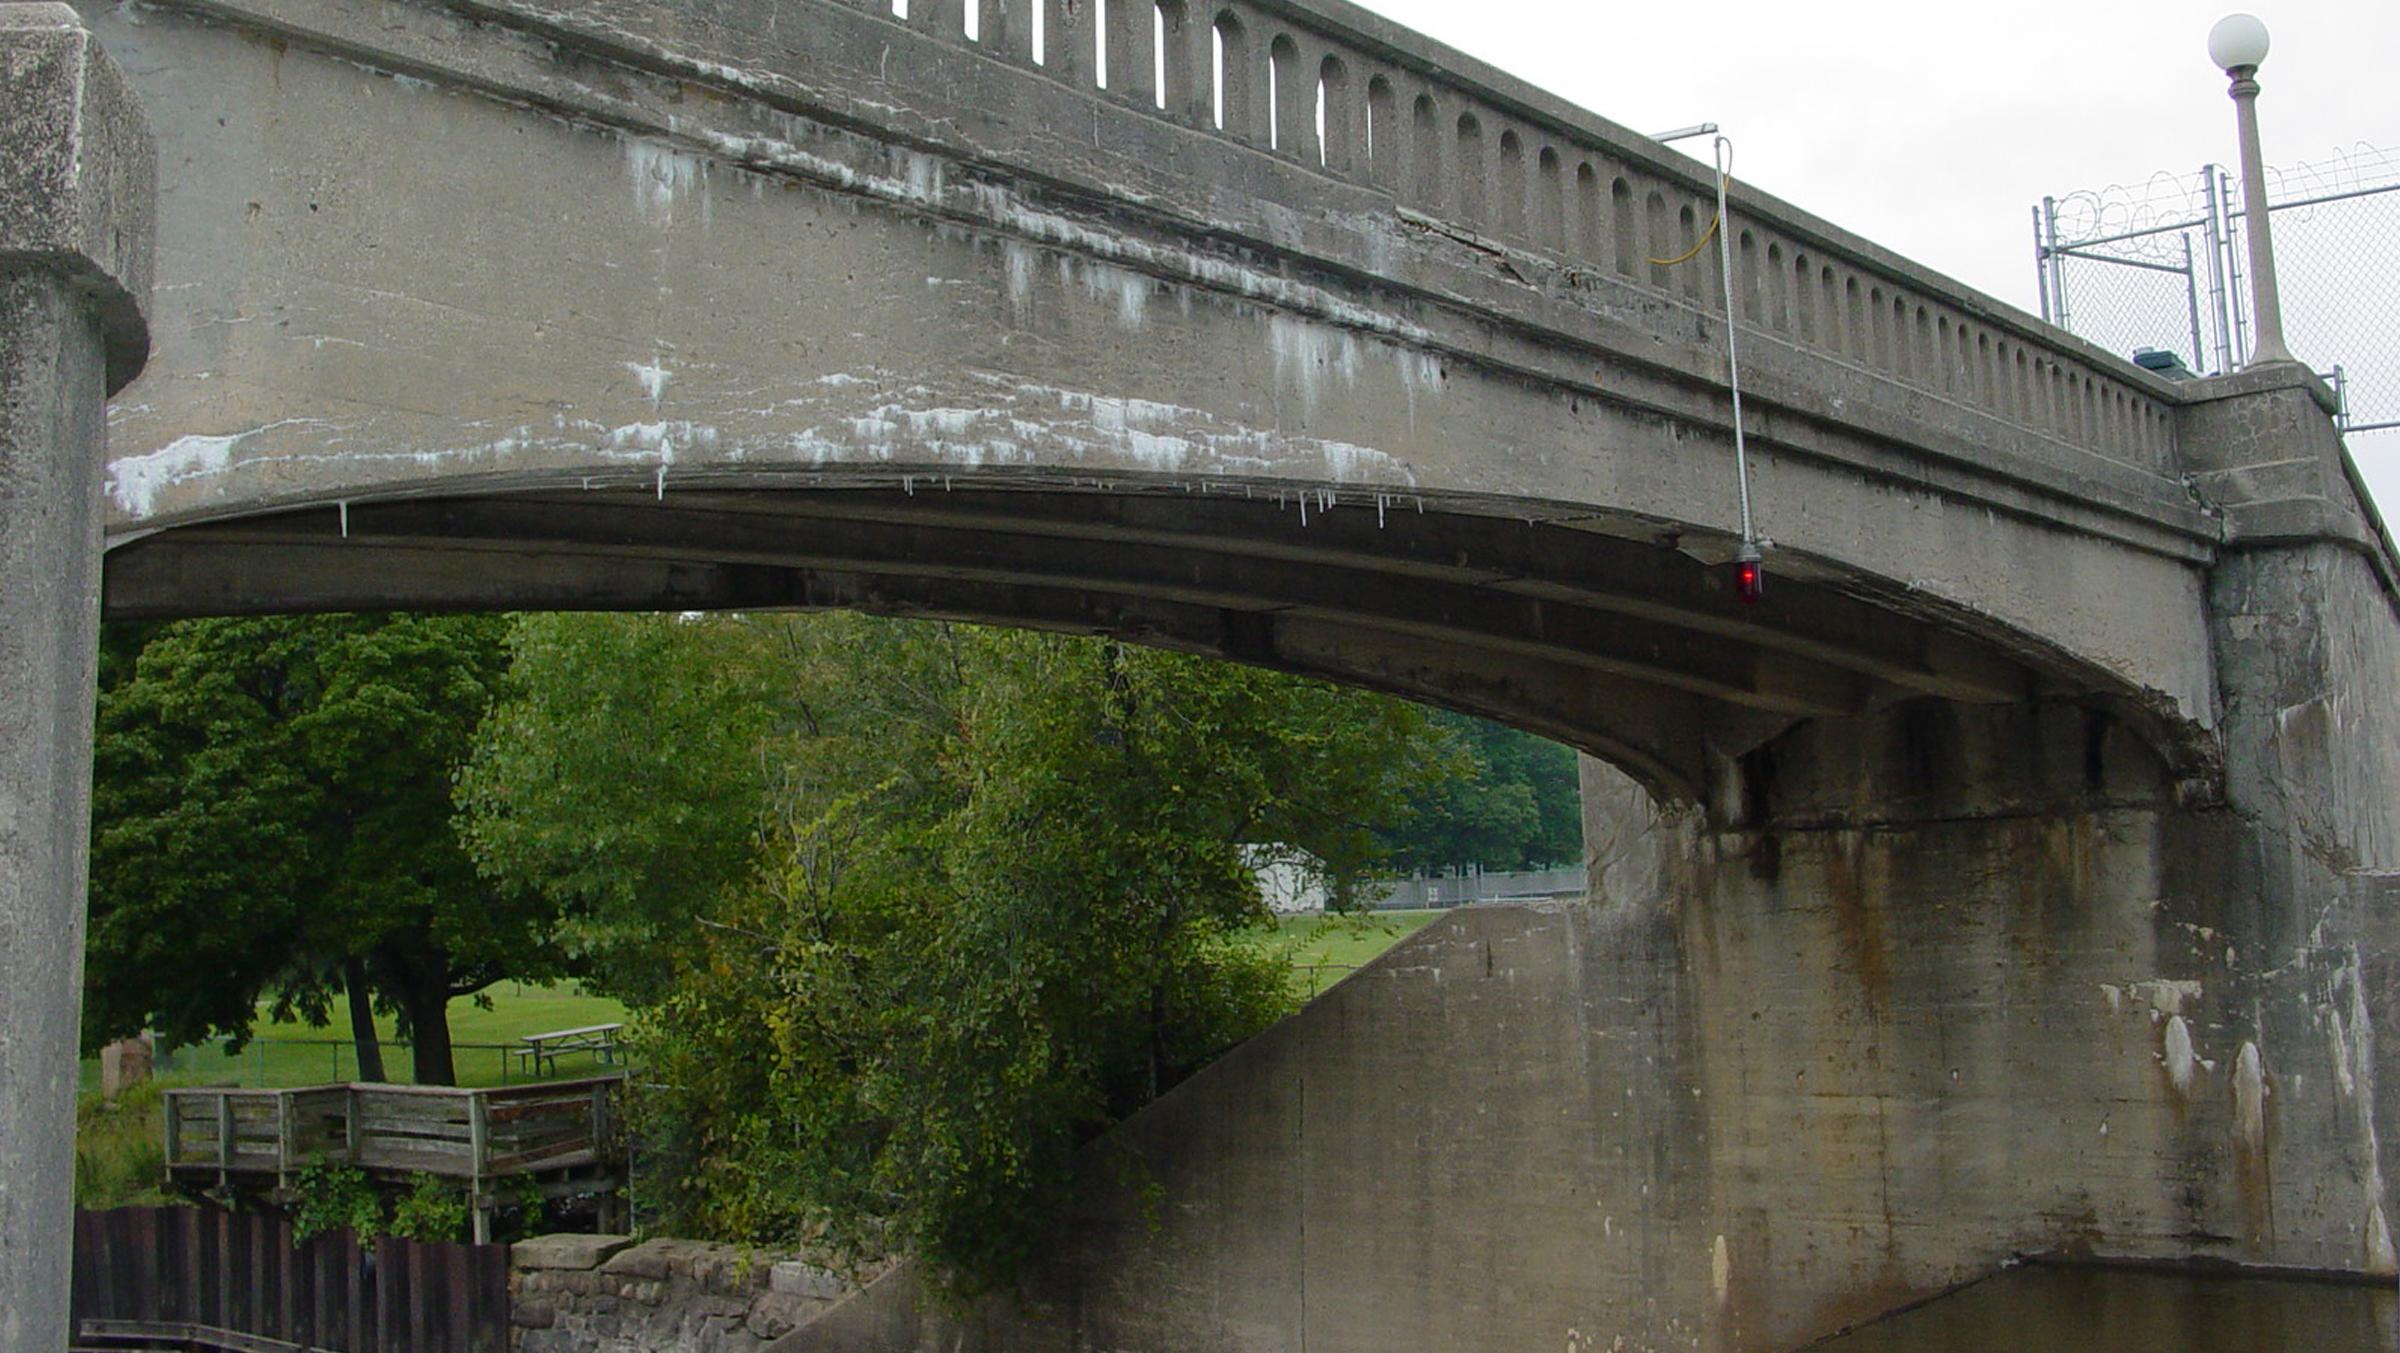 West span beam - before